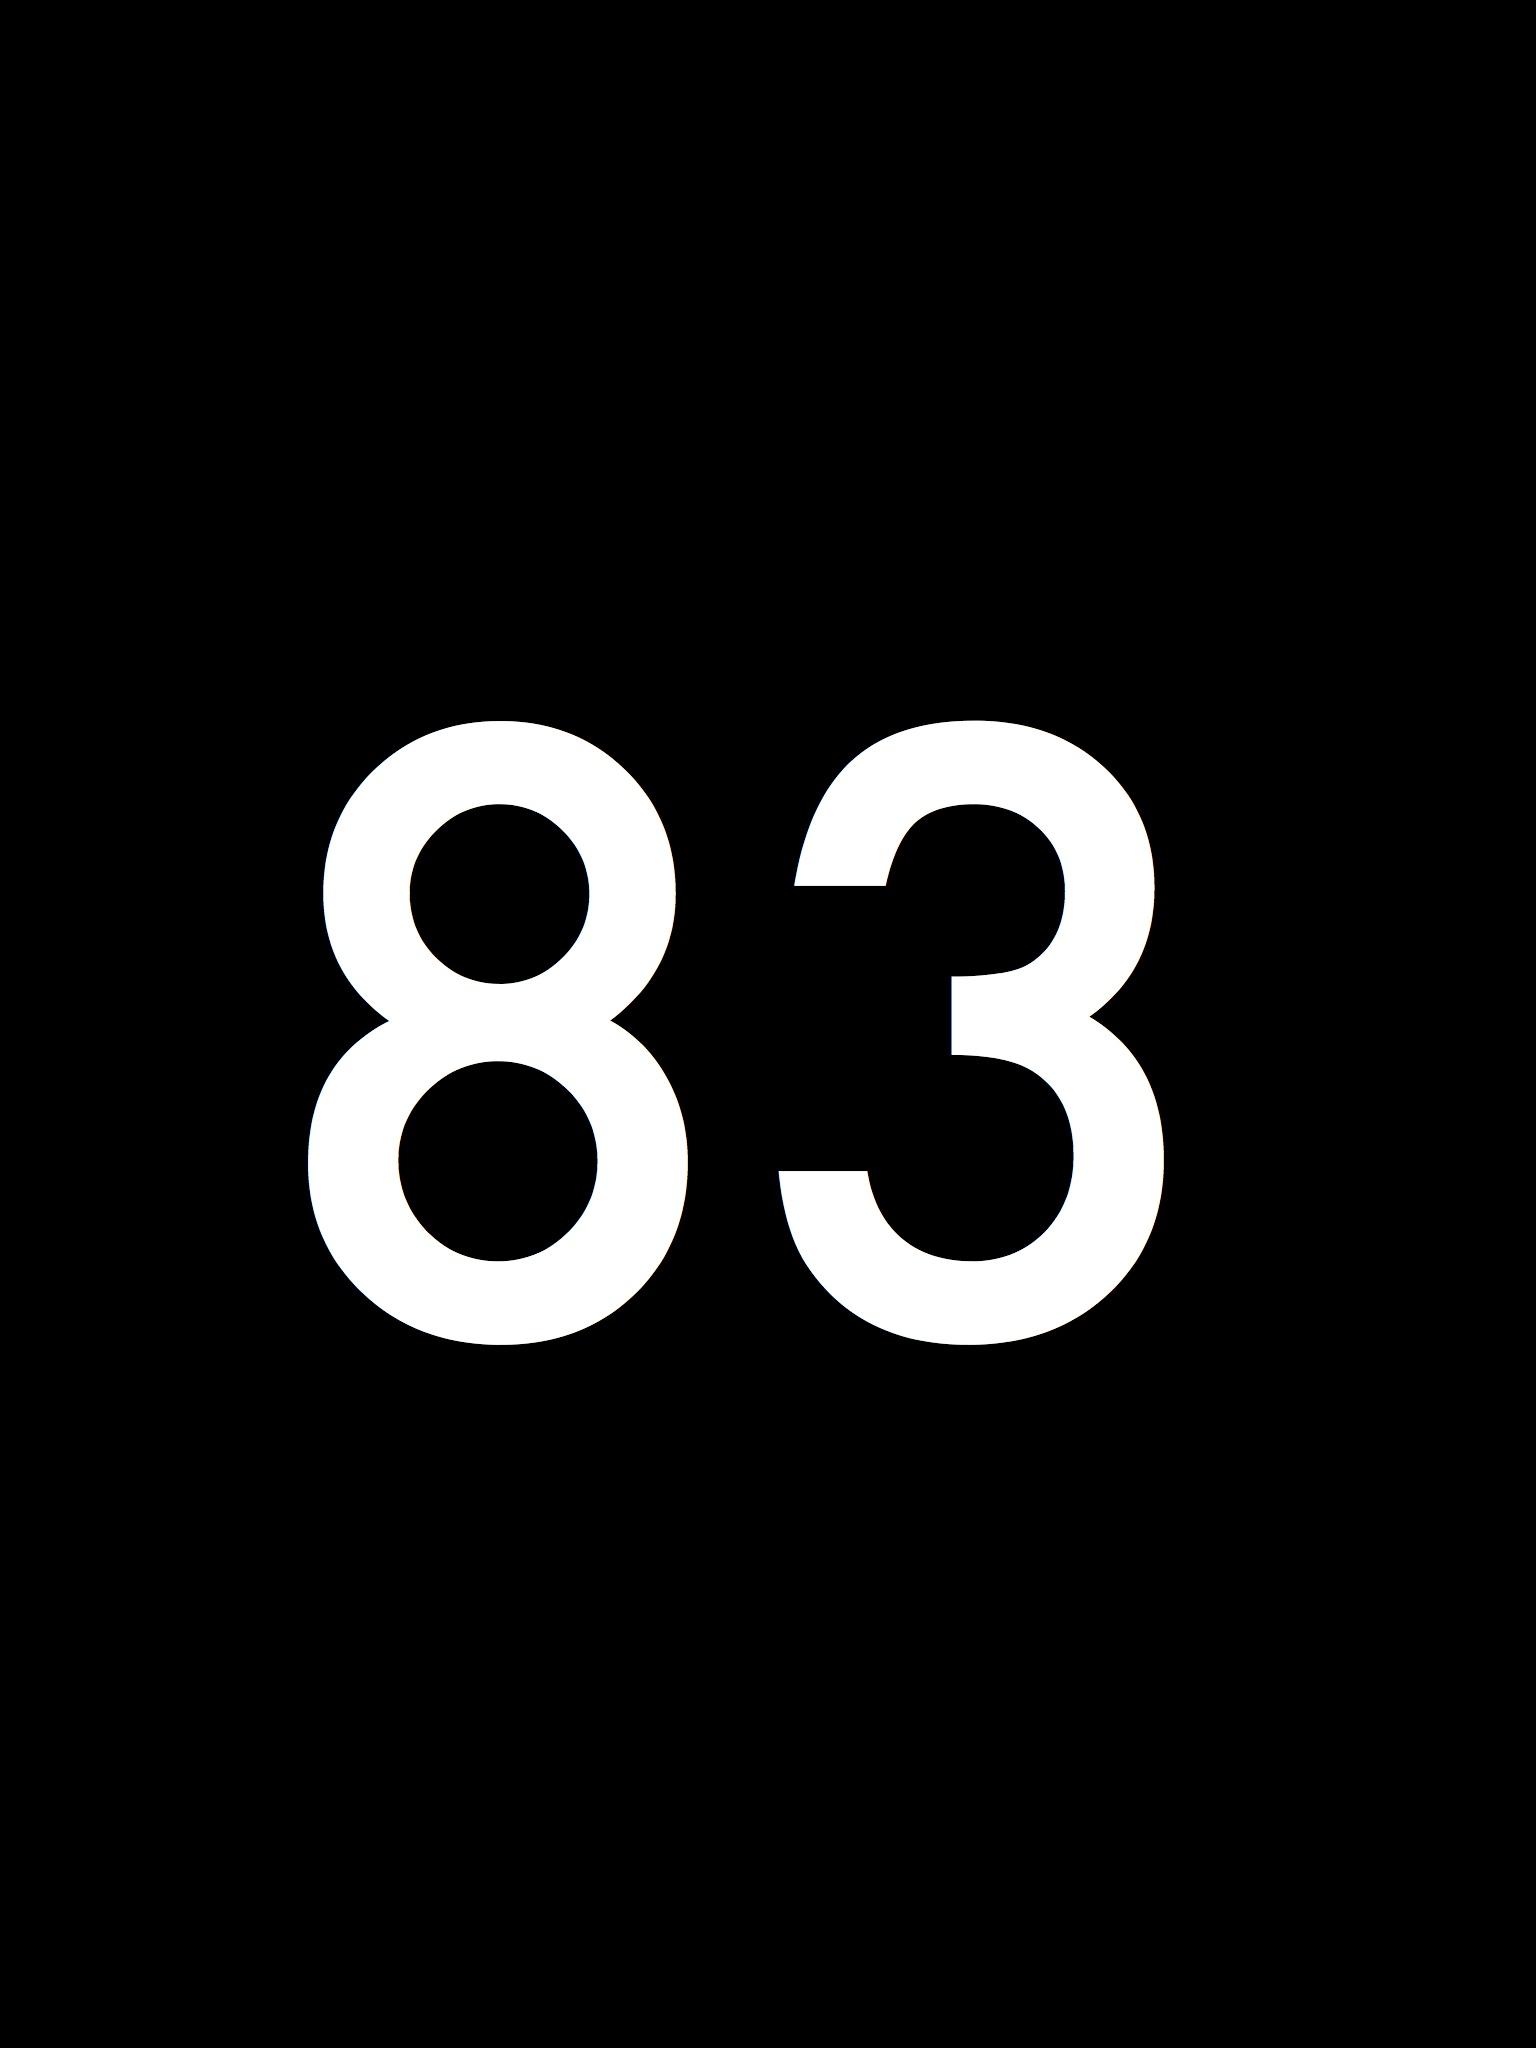 Black_Number.083.jpg